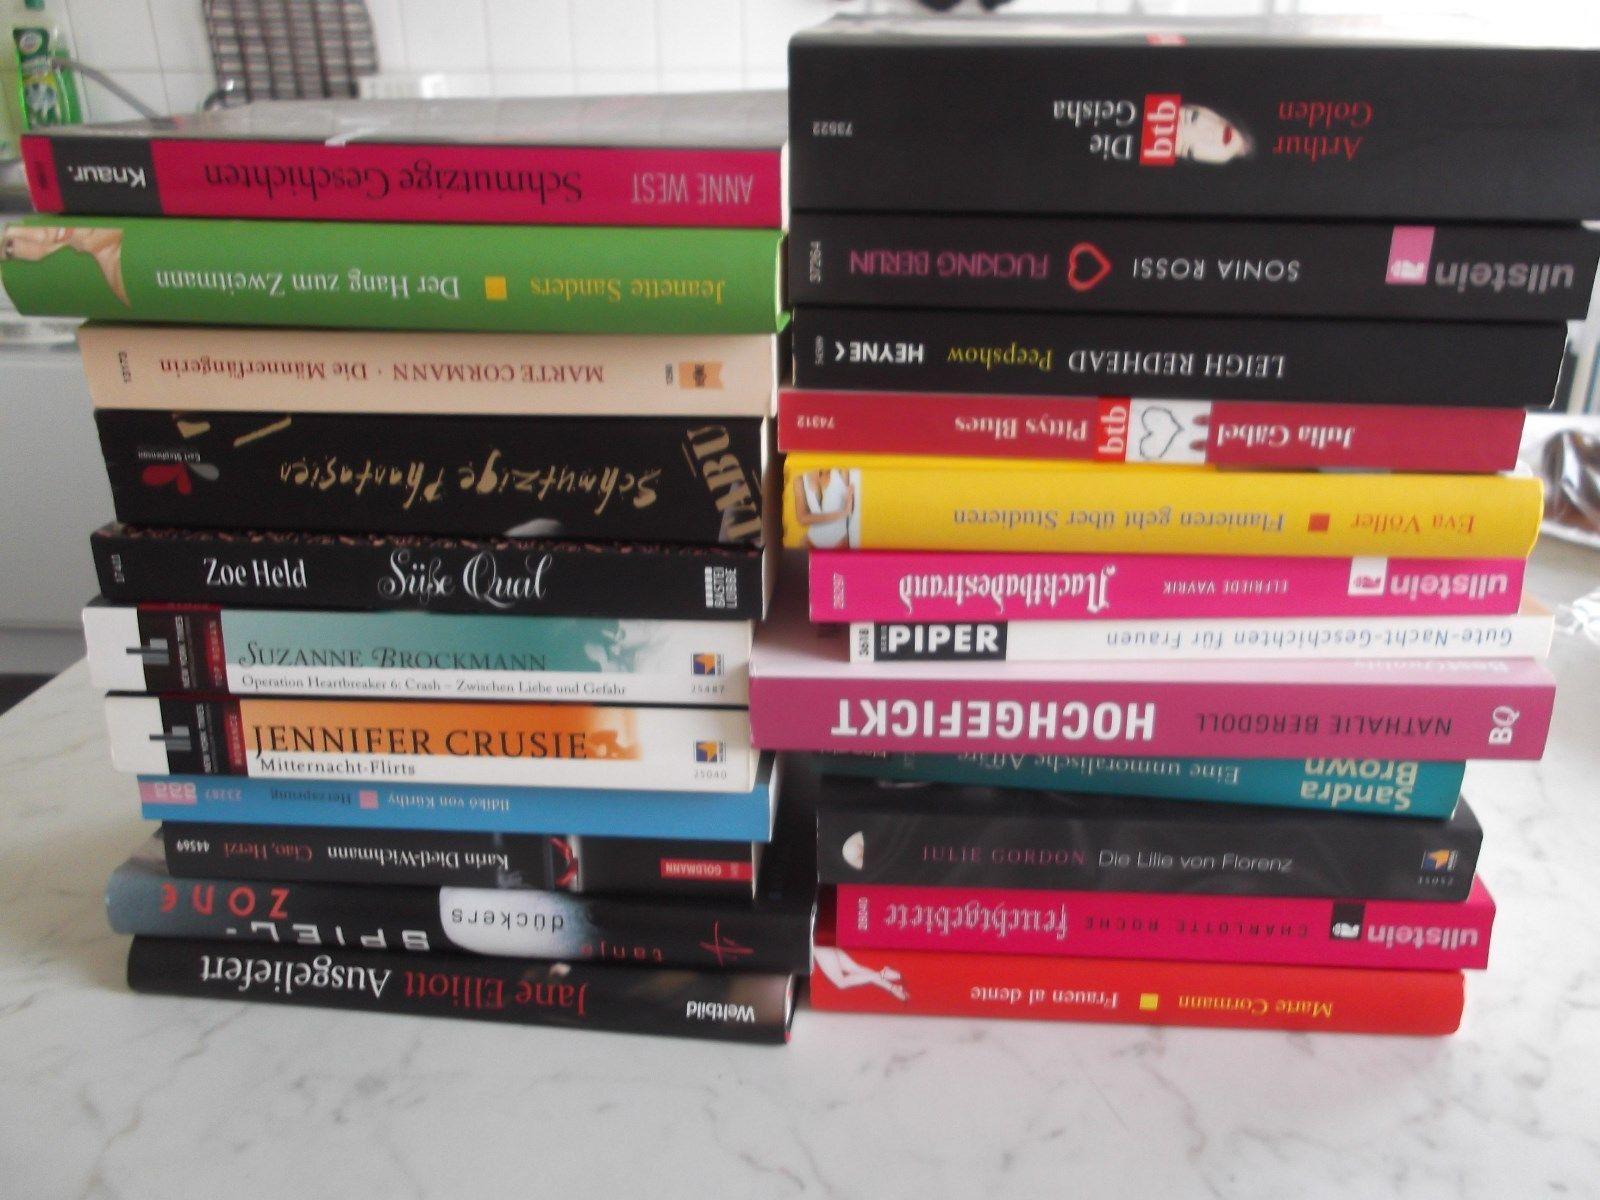 23 TOP Bücher - Erotik, Sex, Liebe, Prostitution, Seitensprungtipps, usw.